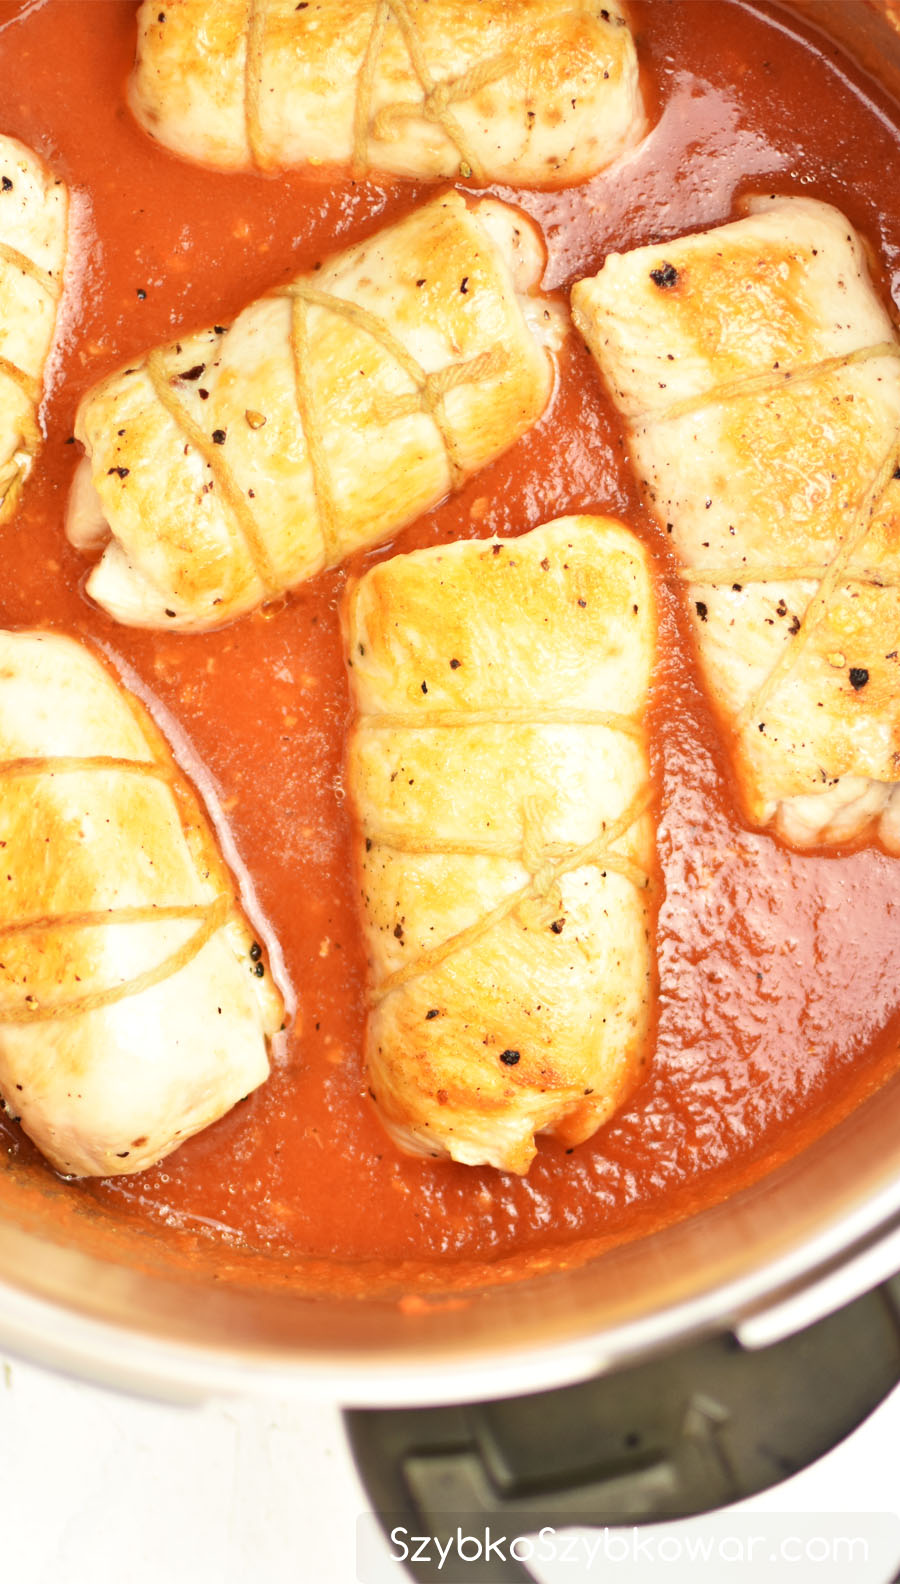 Rolady przełożone do sosu pomidorowego.